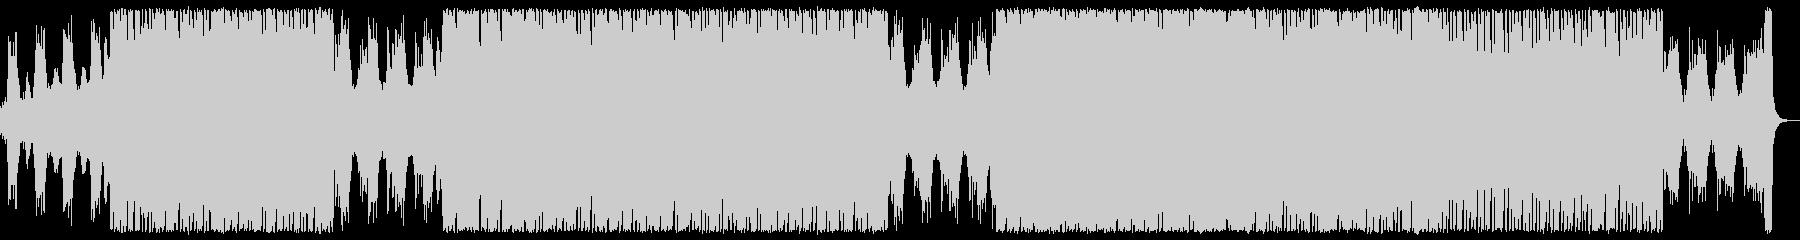 オーケストラとエレクトロニカの爽快ポップの未再生の波形